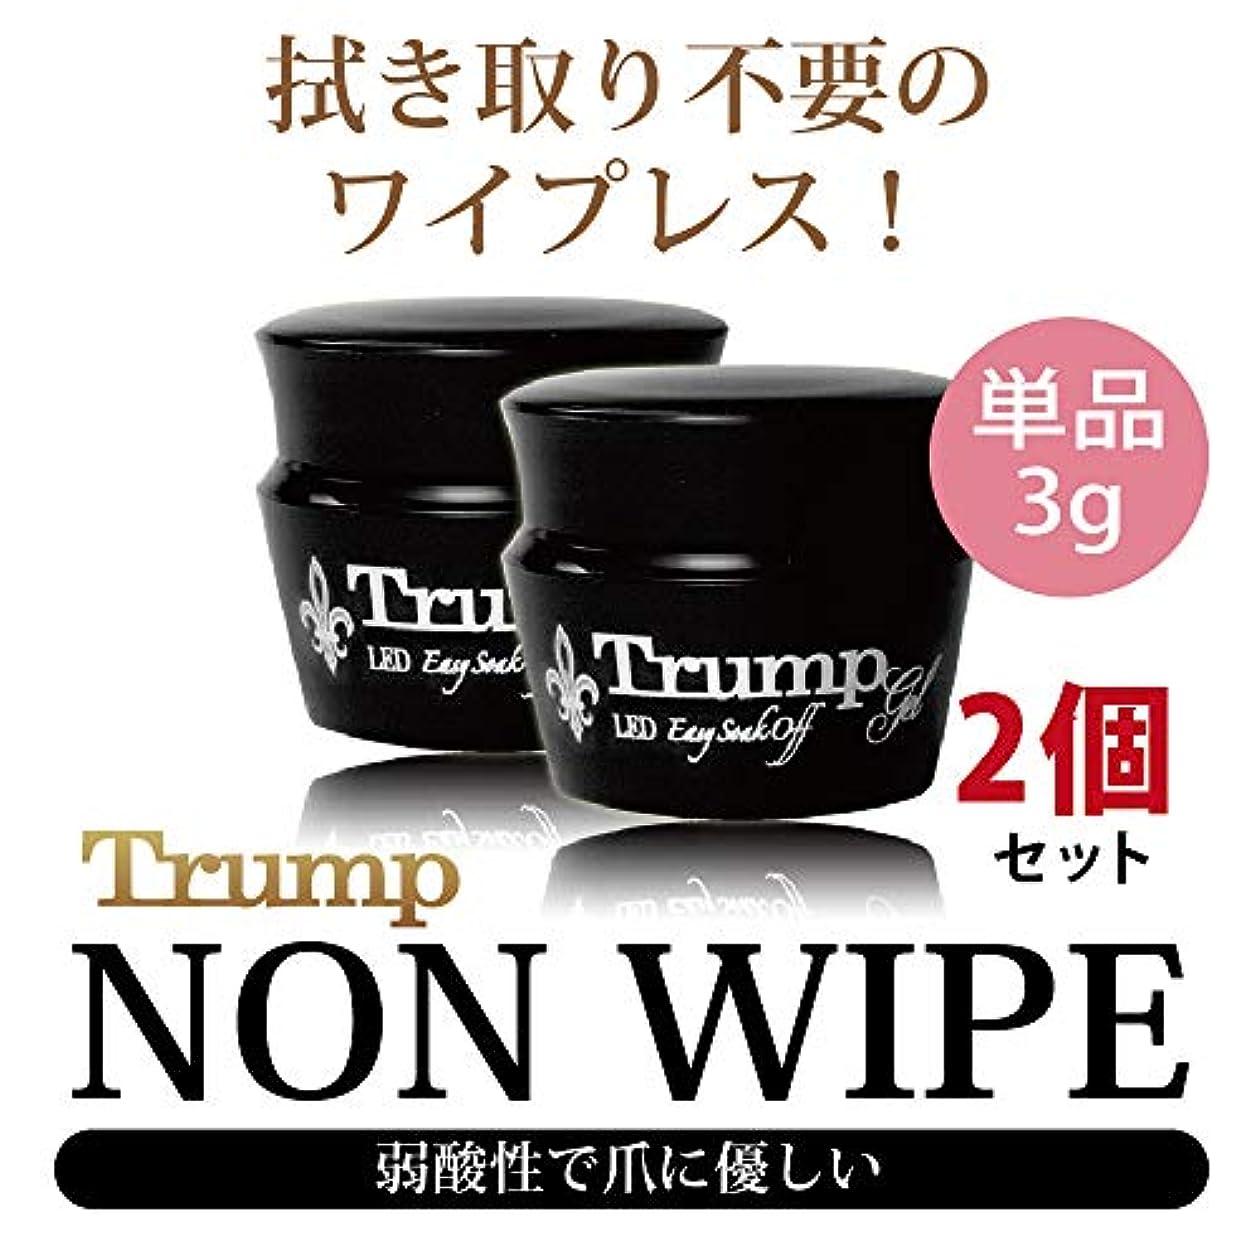 裸少年砂漠Trump gel ノンワイプトップジェル 3g 2個セット